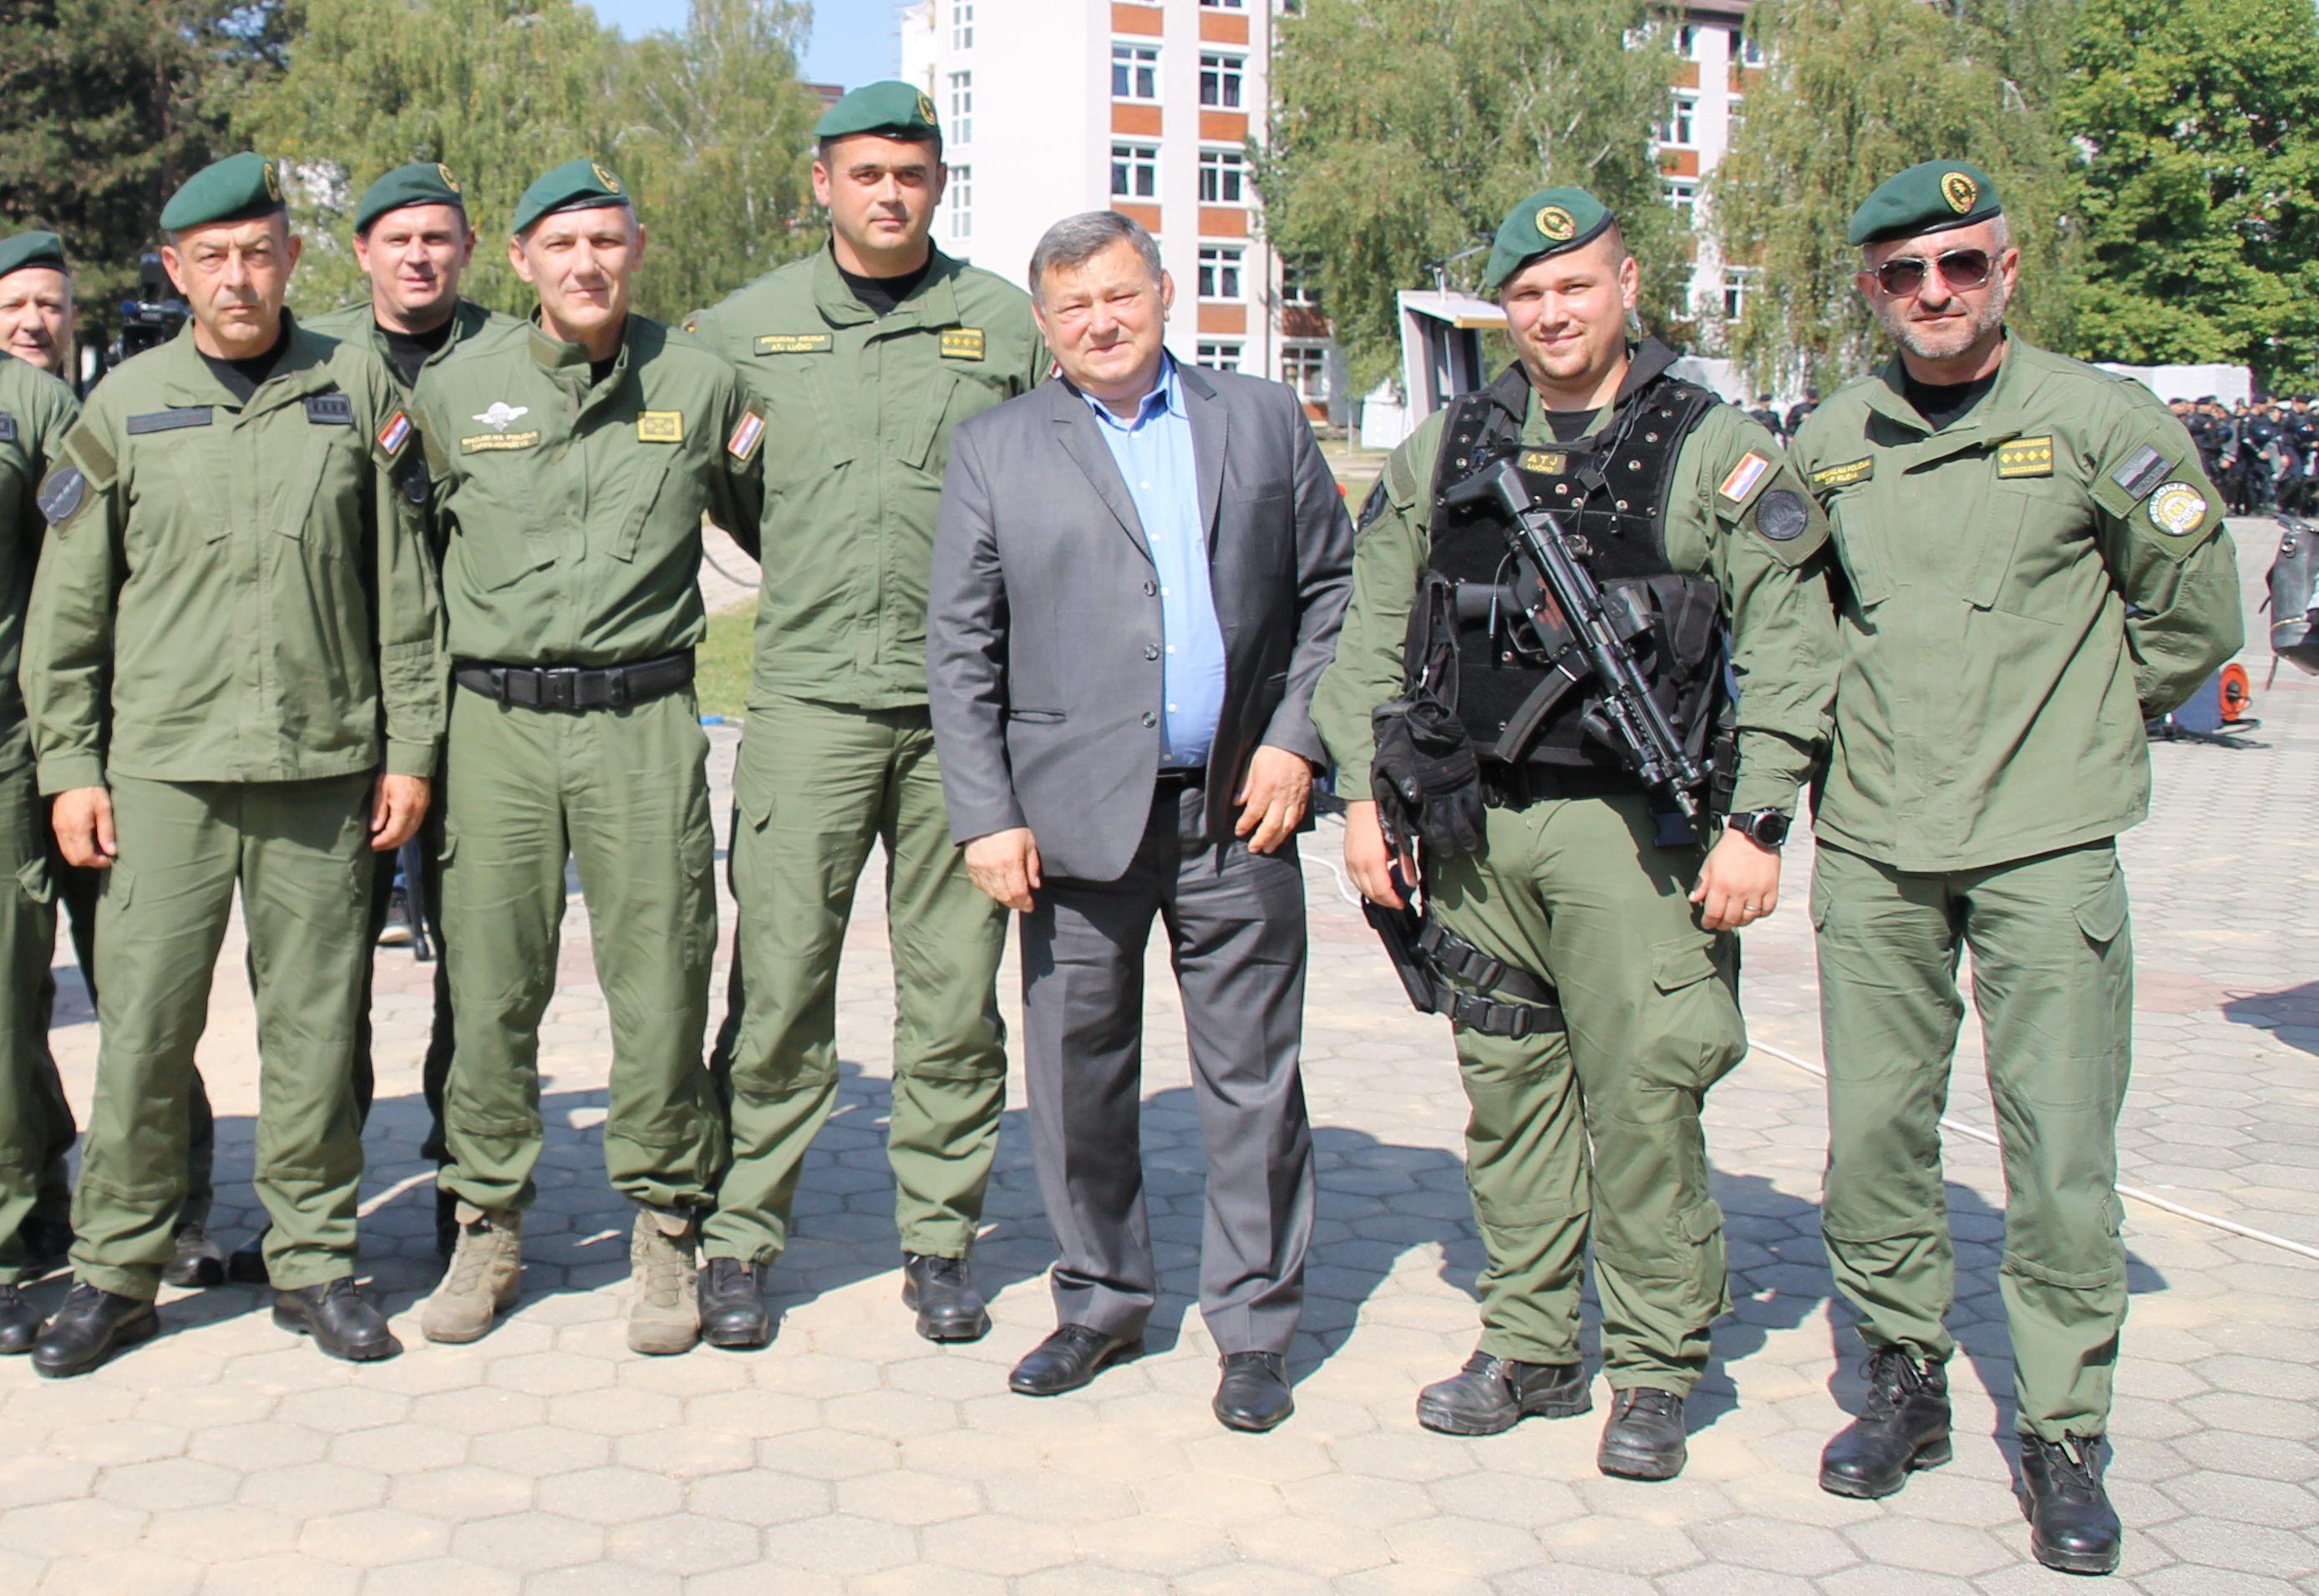 Markač: Policija dobro štiti naše granice, vojska je rezerva